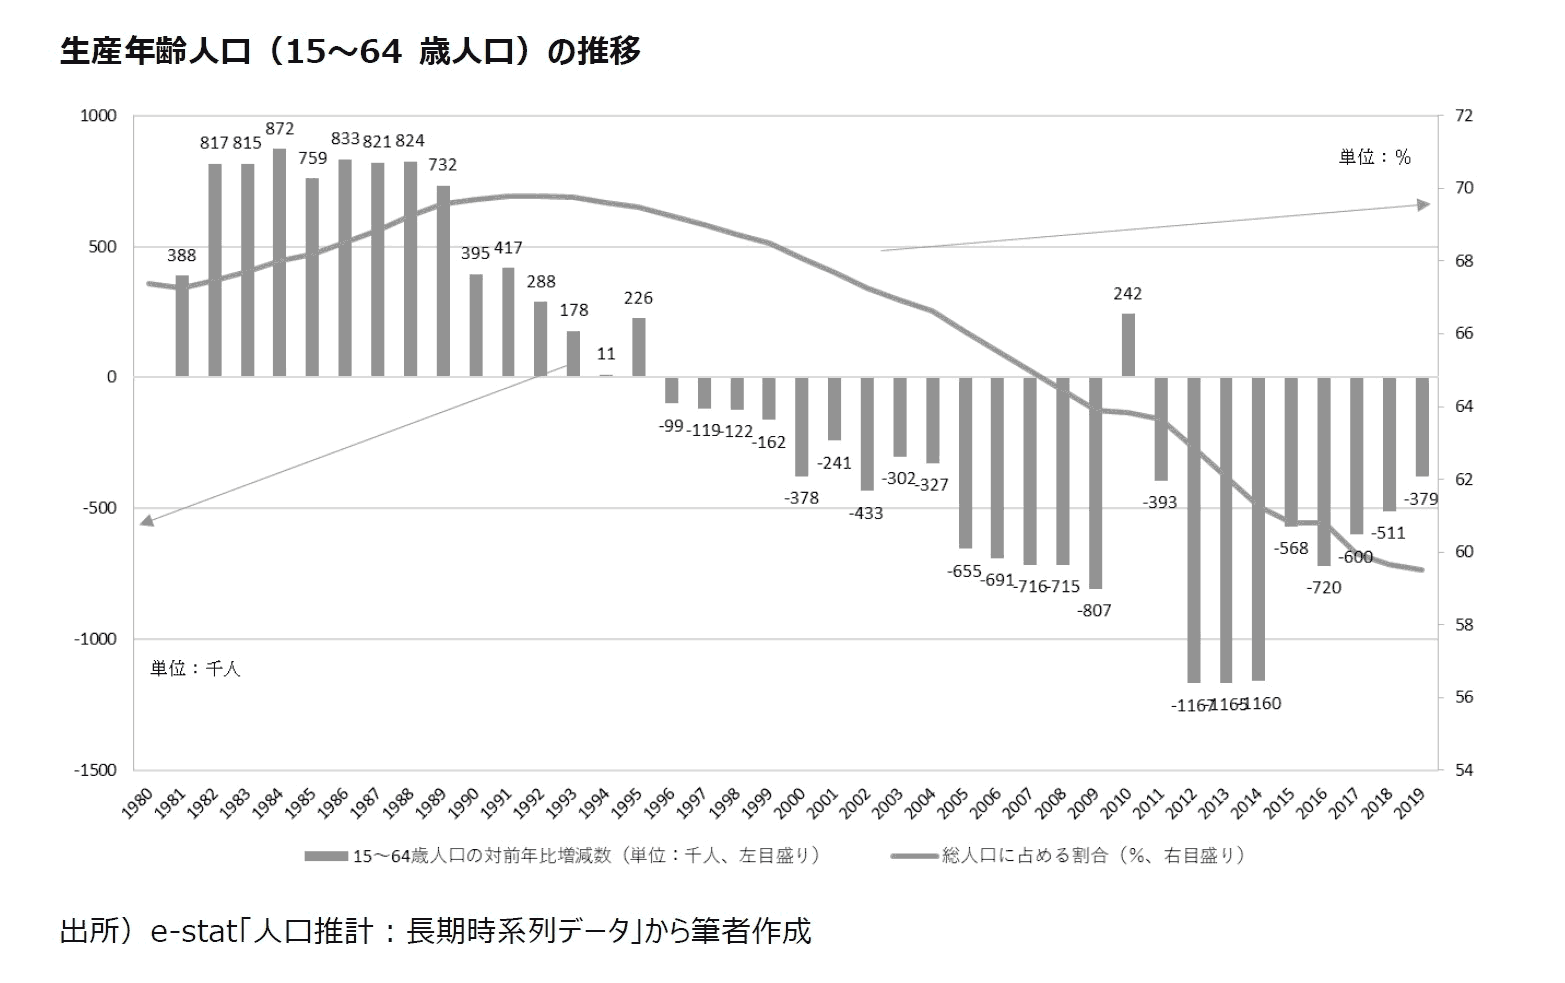 生産年齢人口(15~64歳人口)の推移